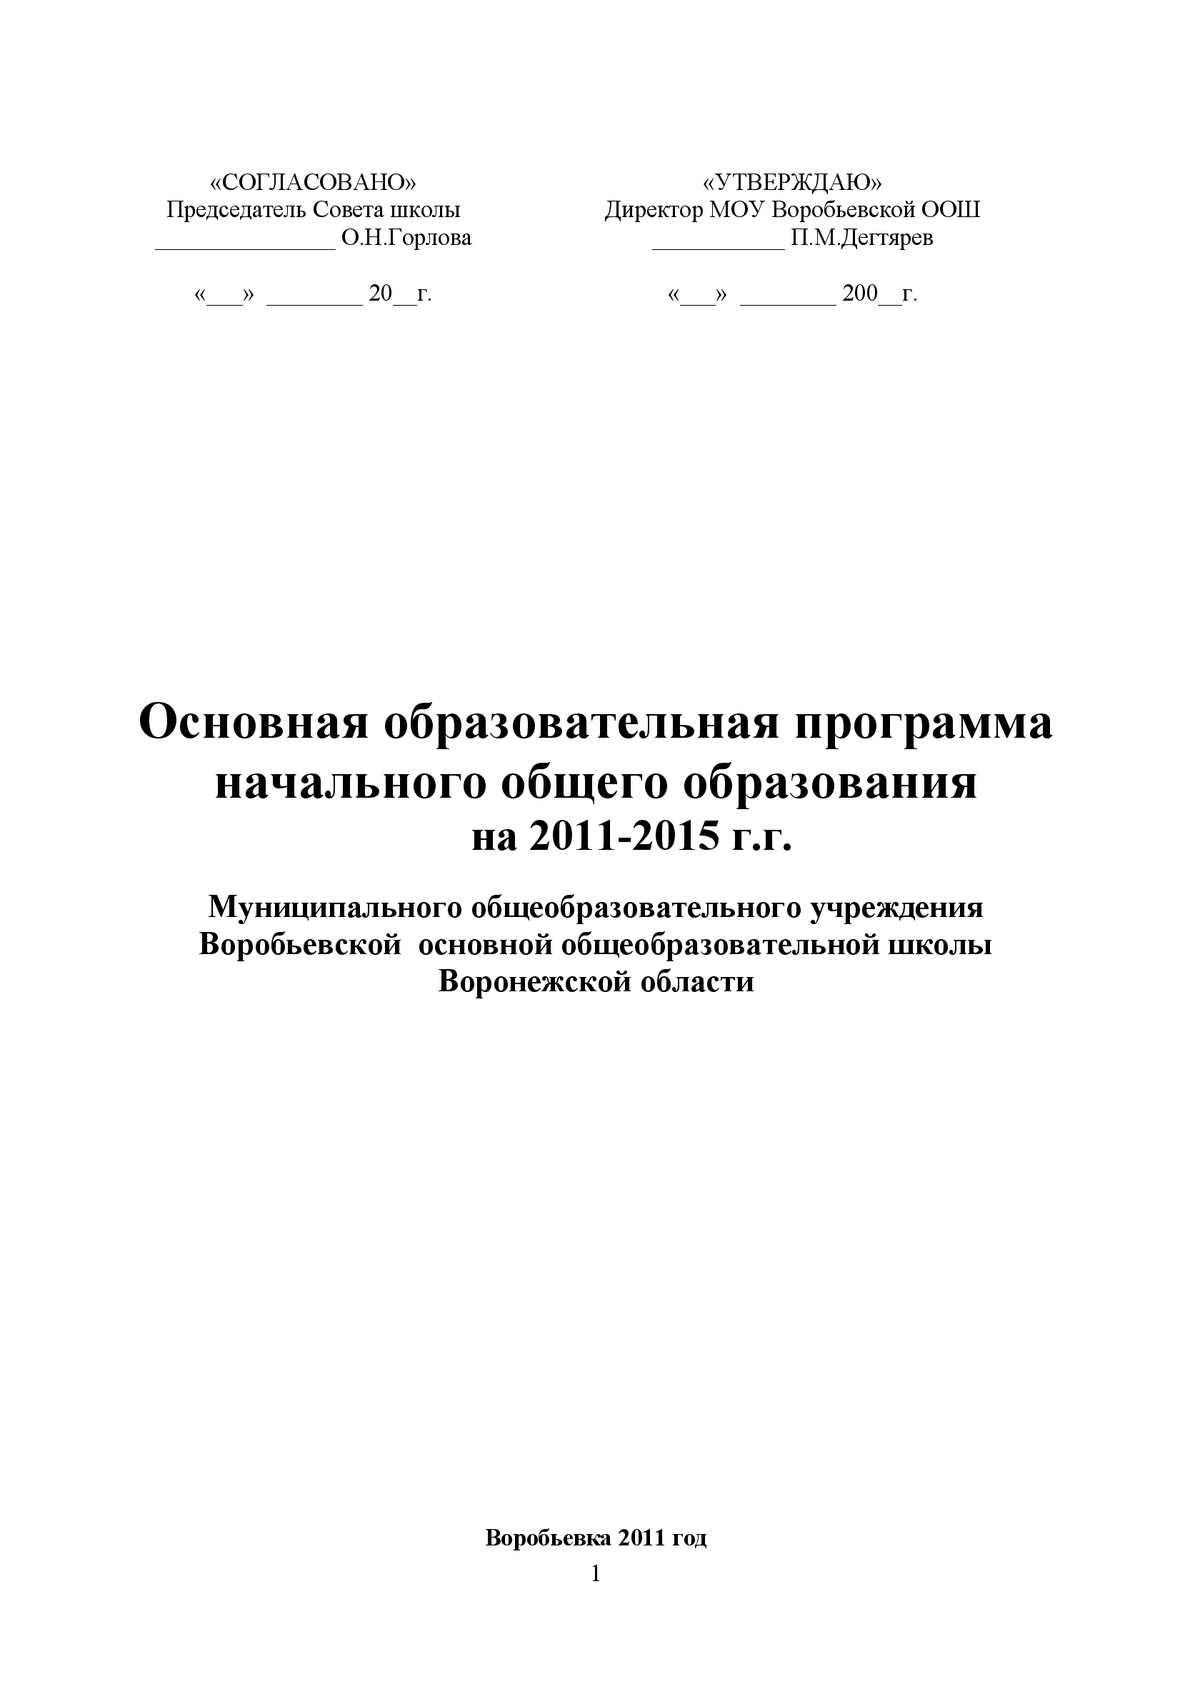 образец написания объяснительной по поводу нарушения норм санпин